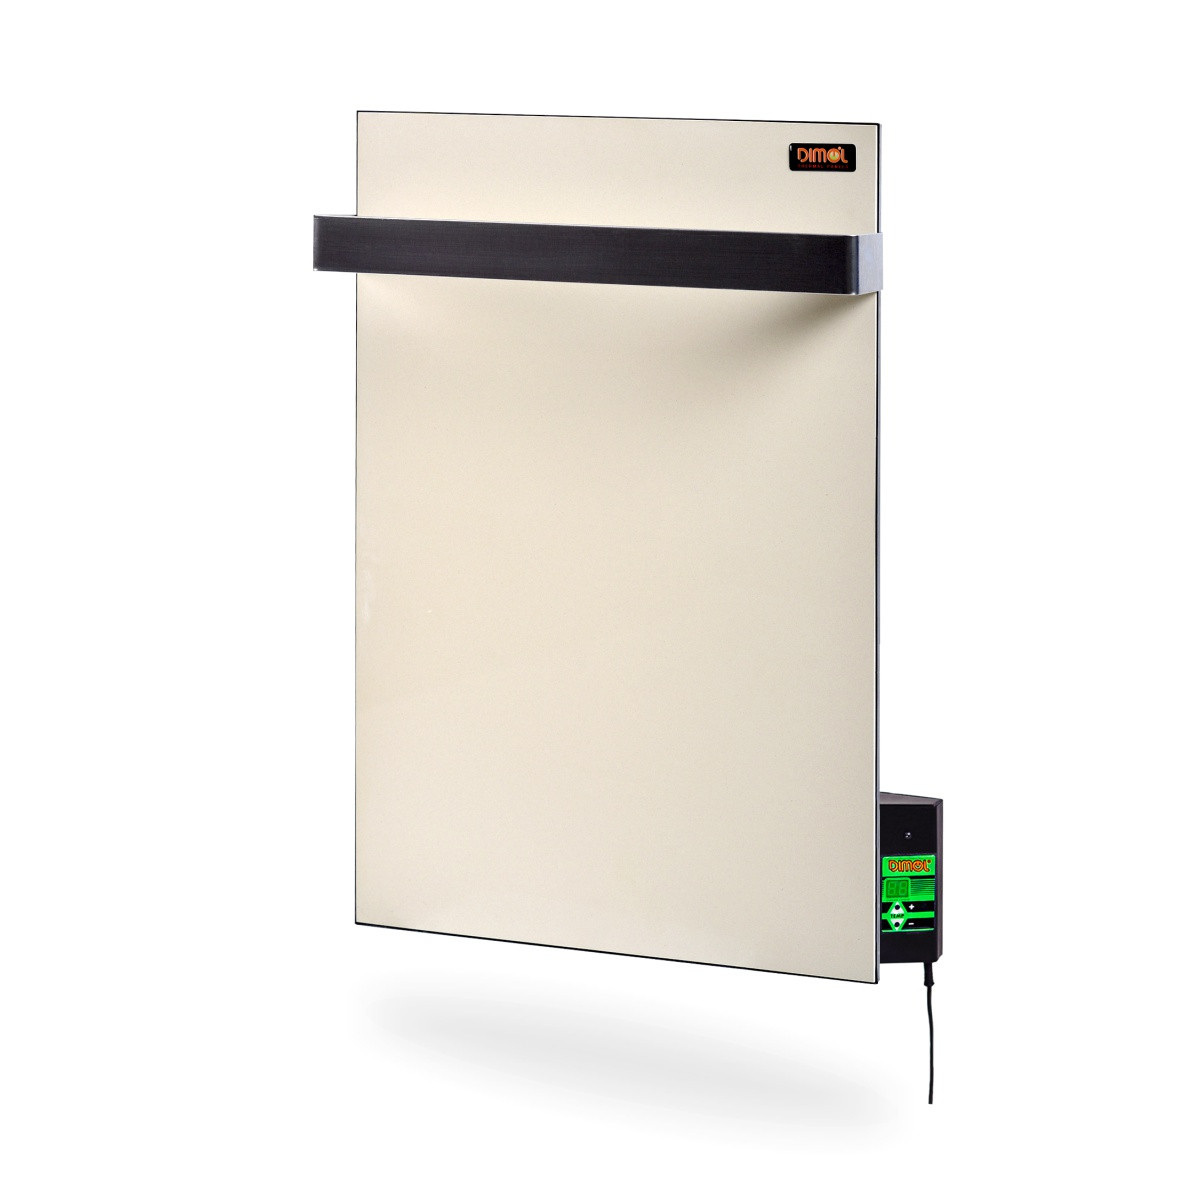 Полотенцесушитель - керамічна панель Mini 07 з терморегулятором